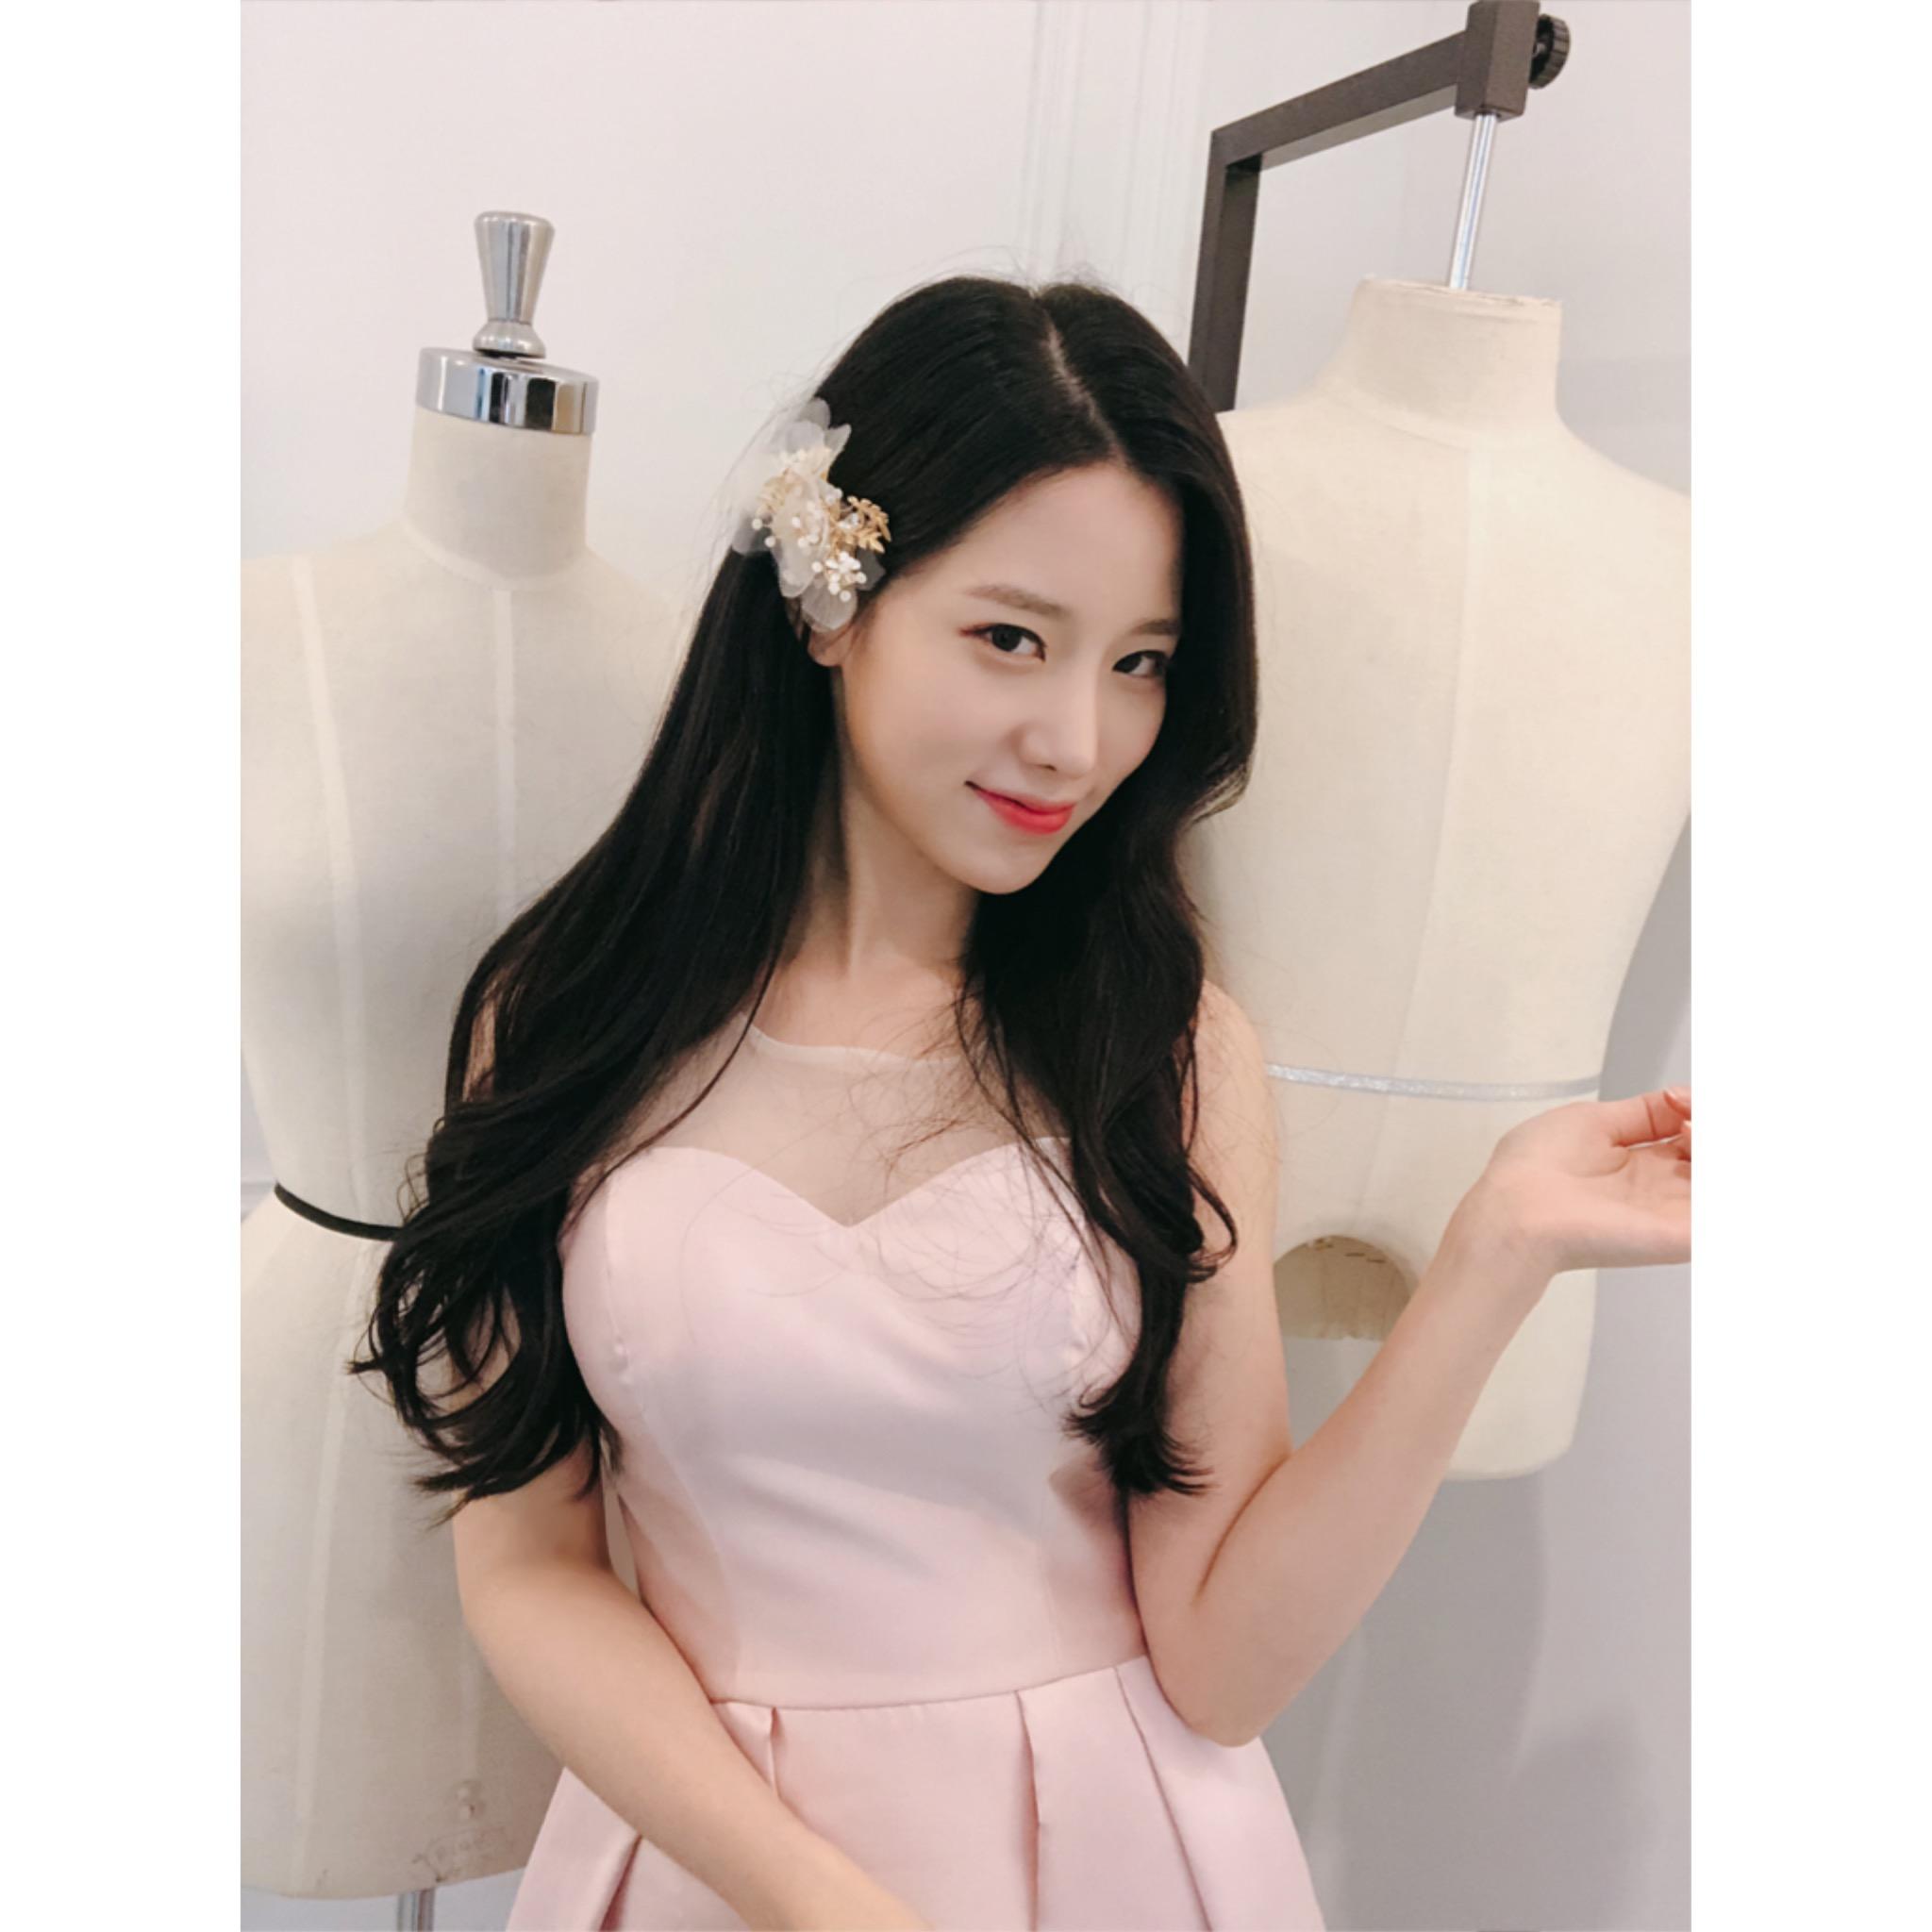 [베리굿] 보기만 해도 기분이 좋아지는 조현 일상 셀카 공개♥